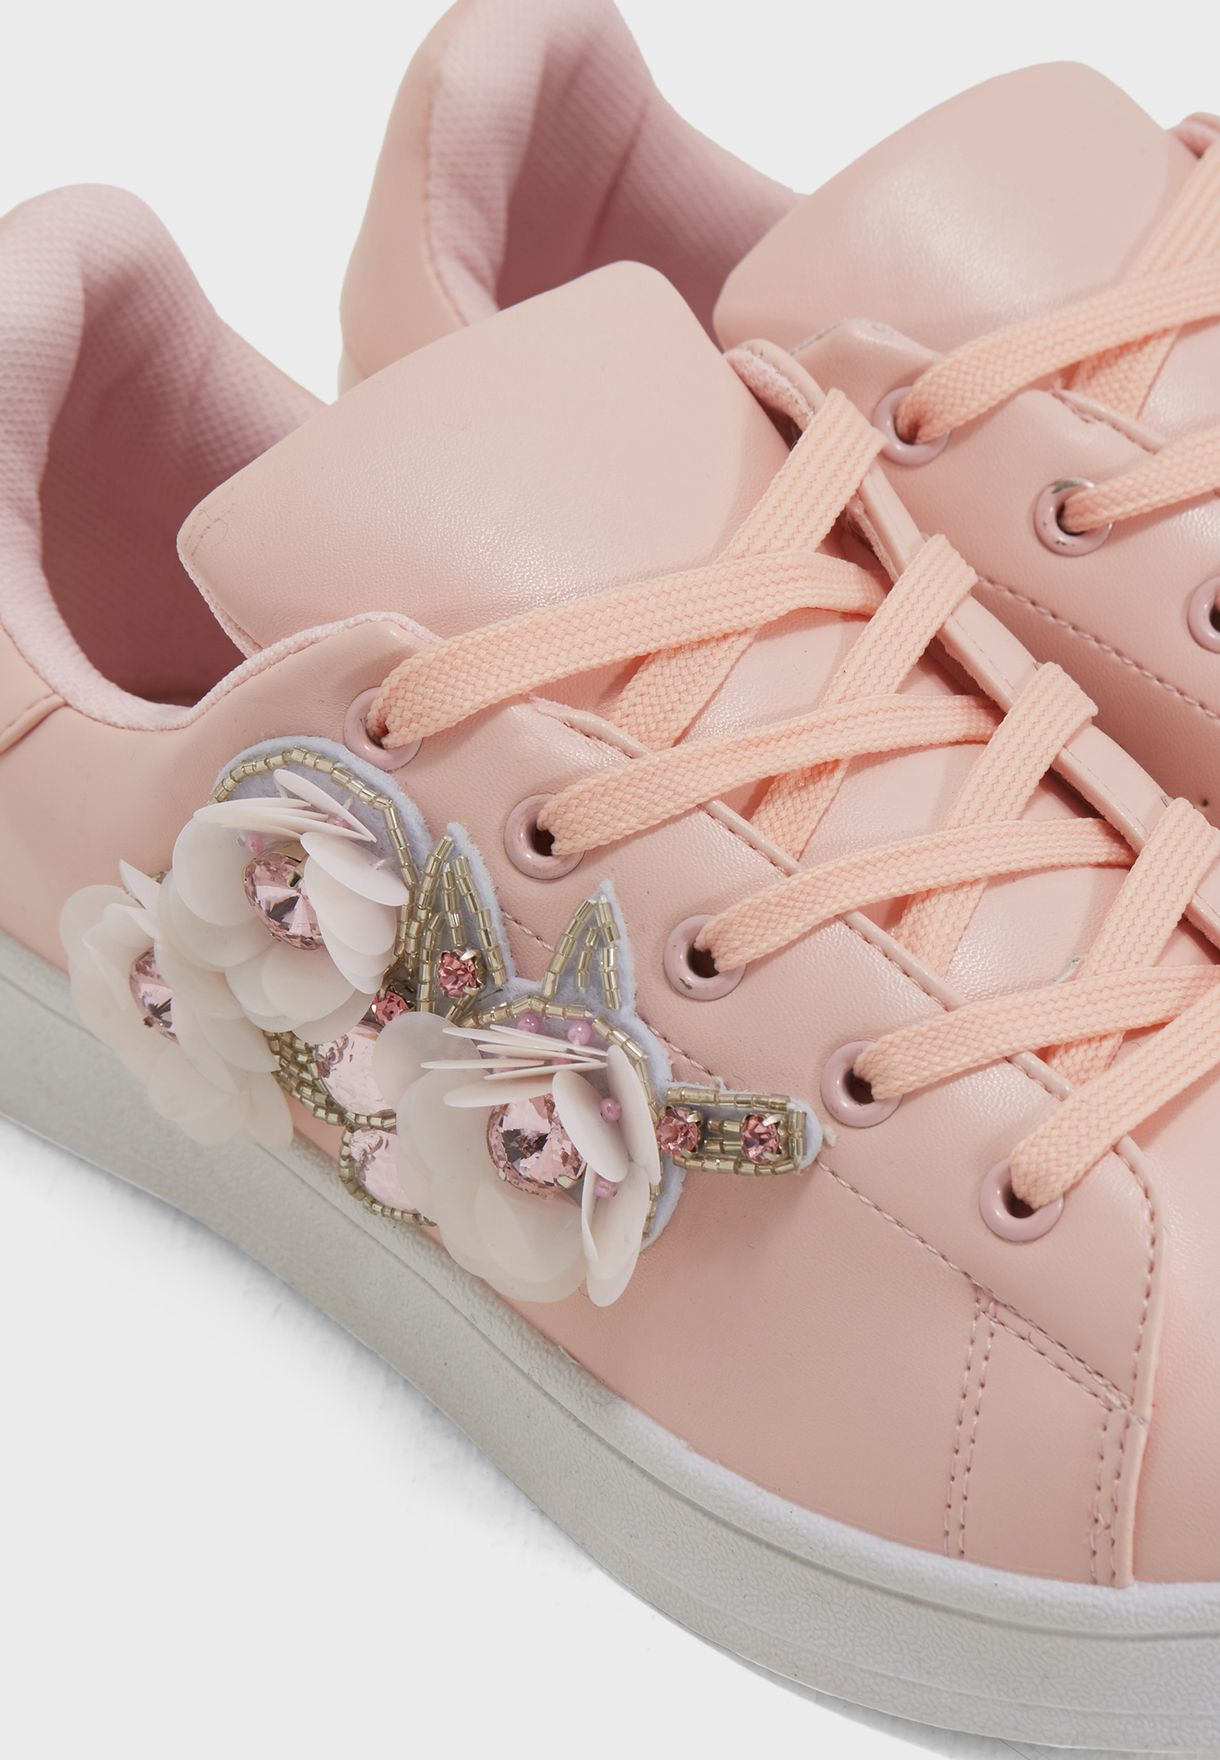 حذاء مزين بازهار